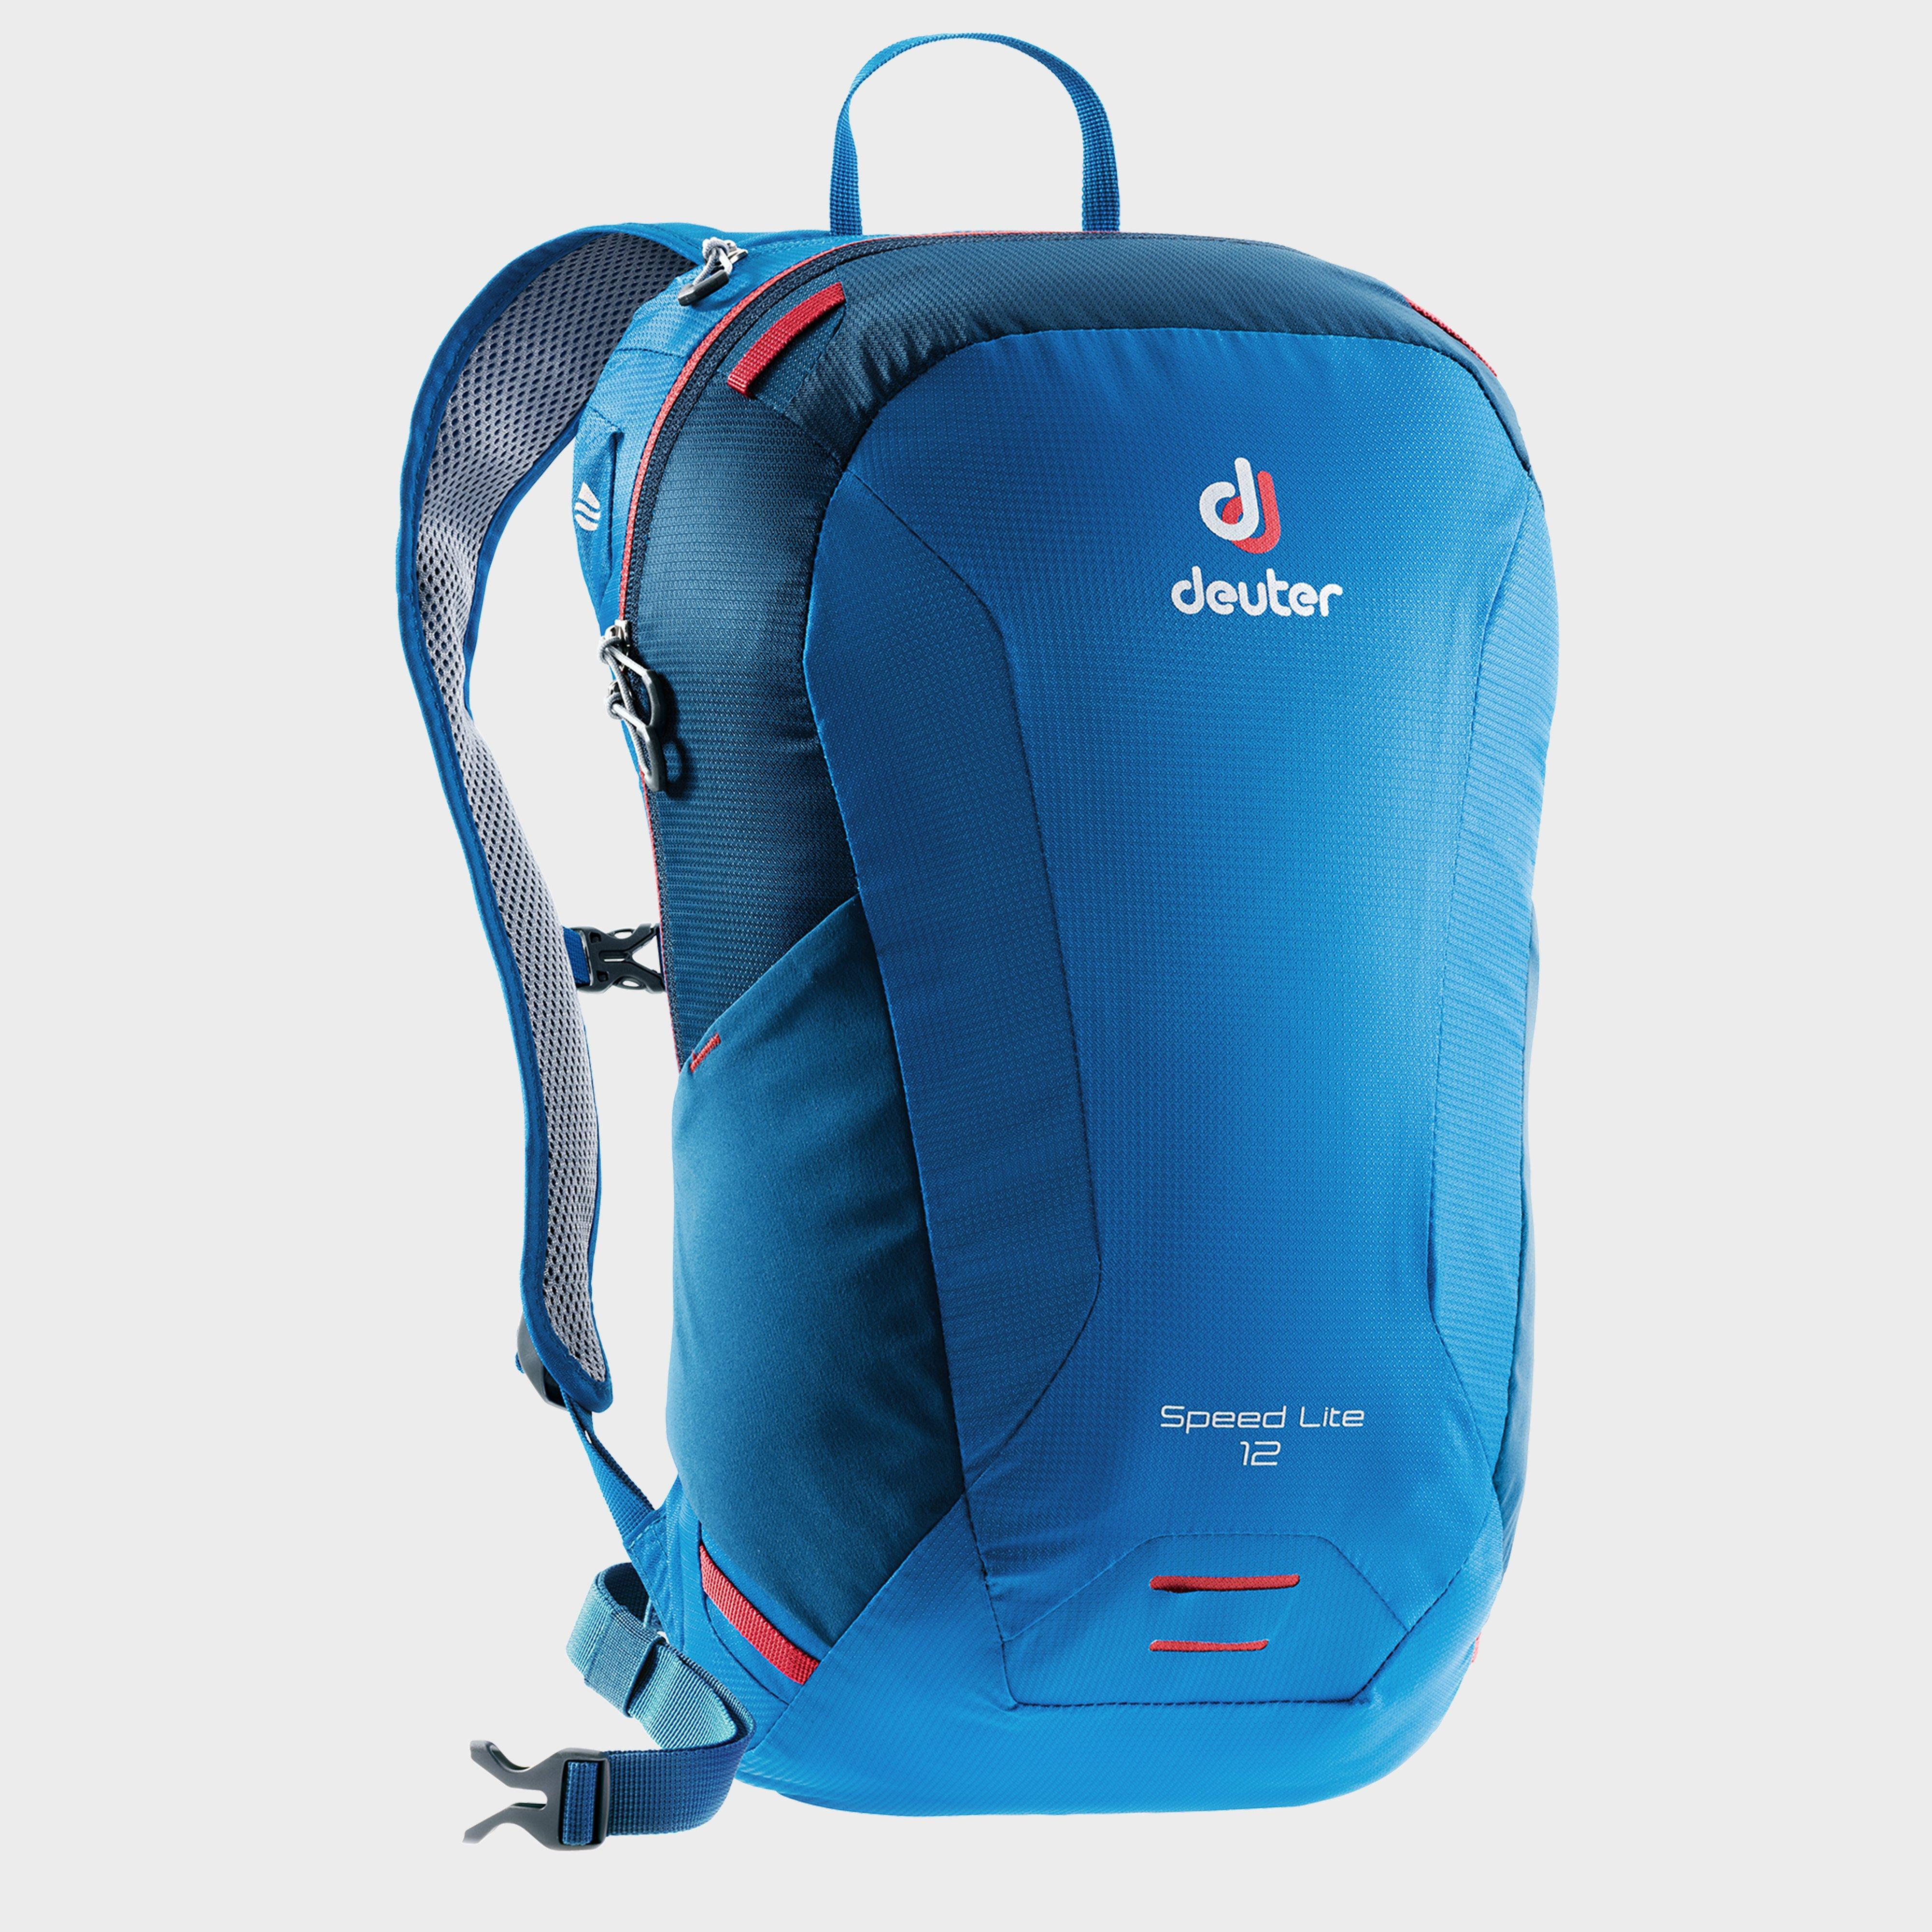 Deuter Deuter Speed Lite 12 Daypack - Blue, Blue